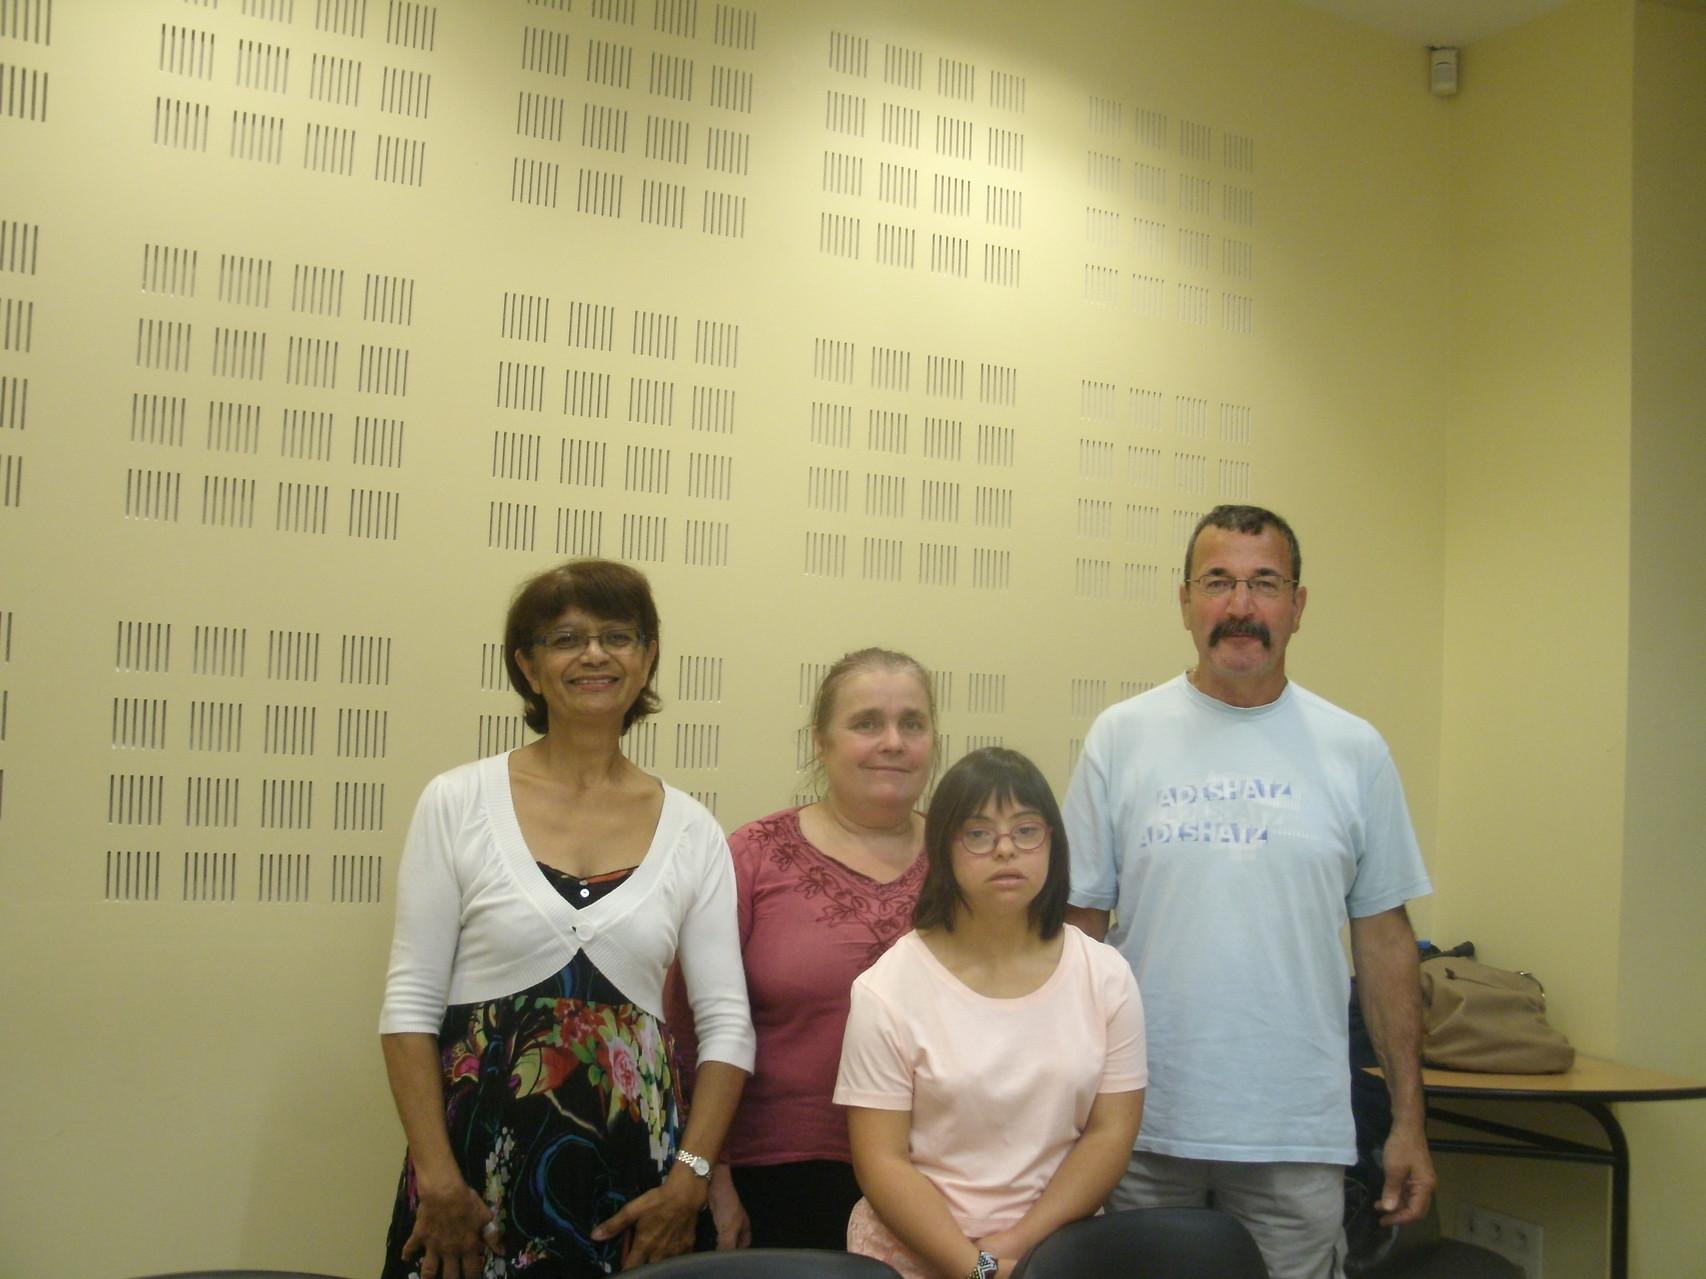 le 17 Octobre 2014,Assemblée Générale et Anniv de 4 membres de Solencoeur